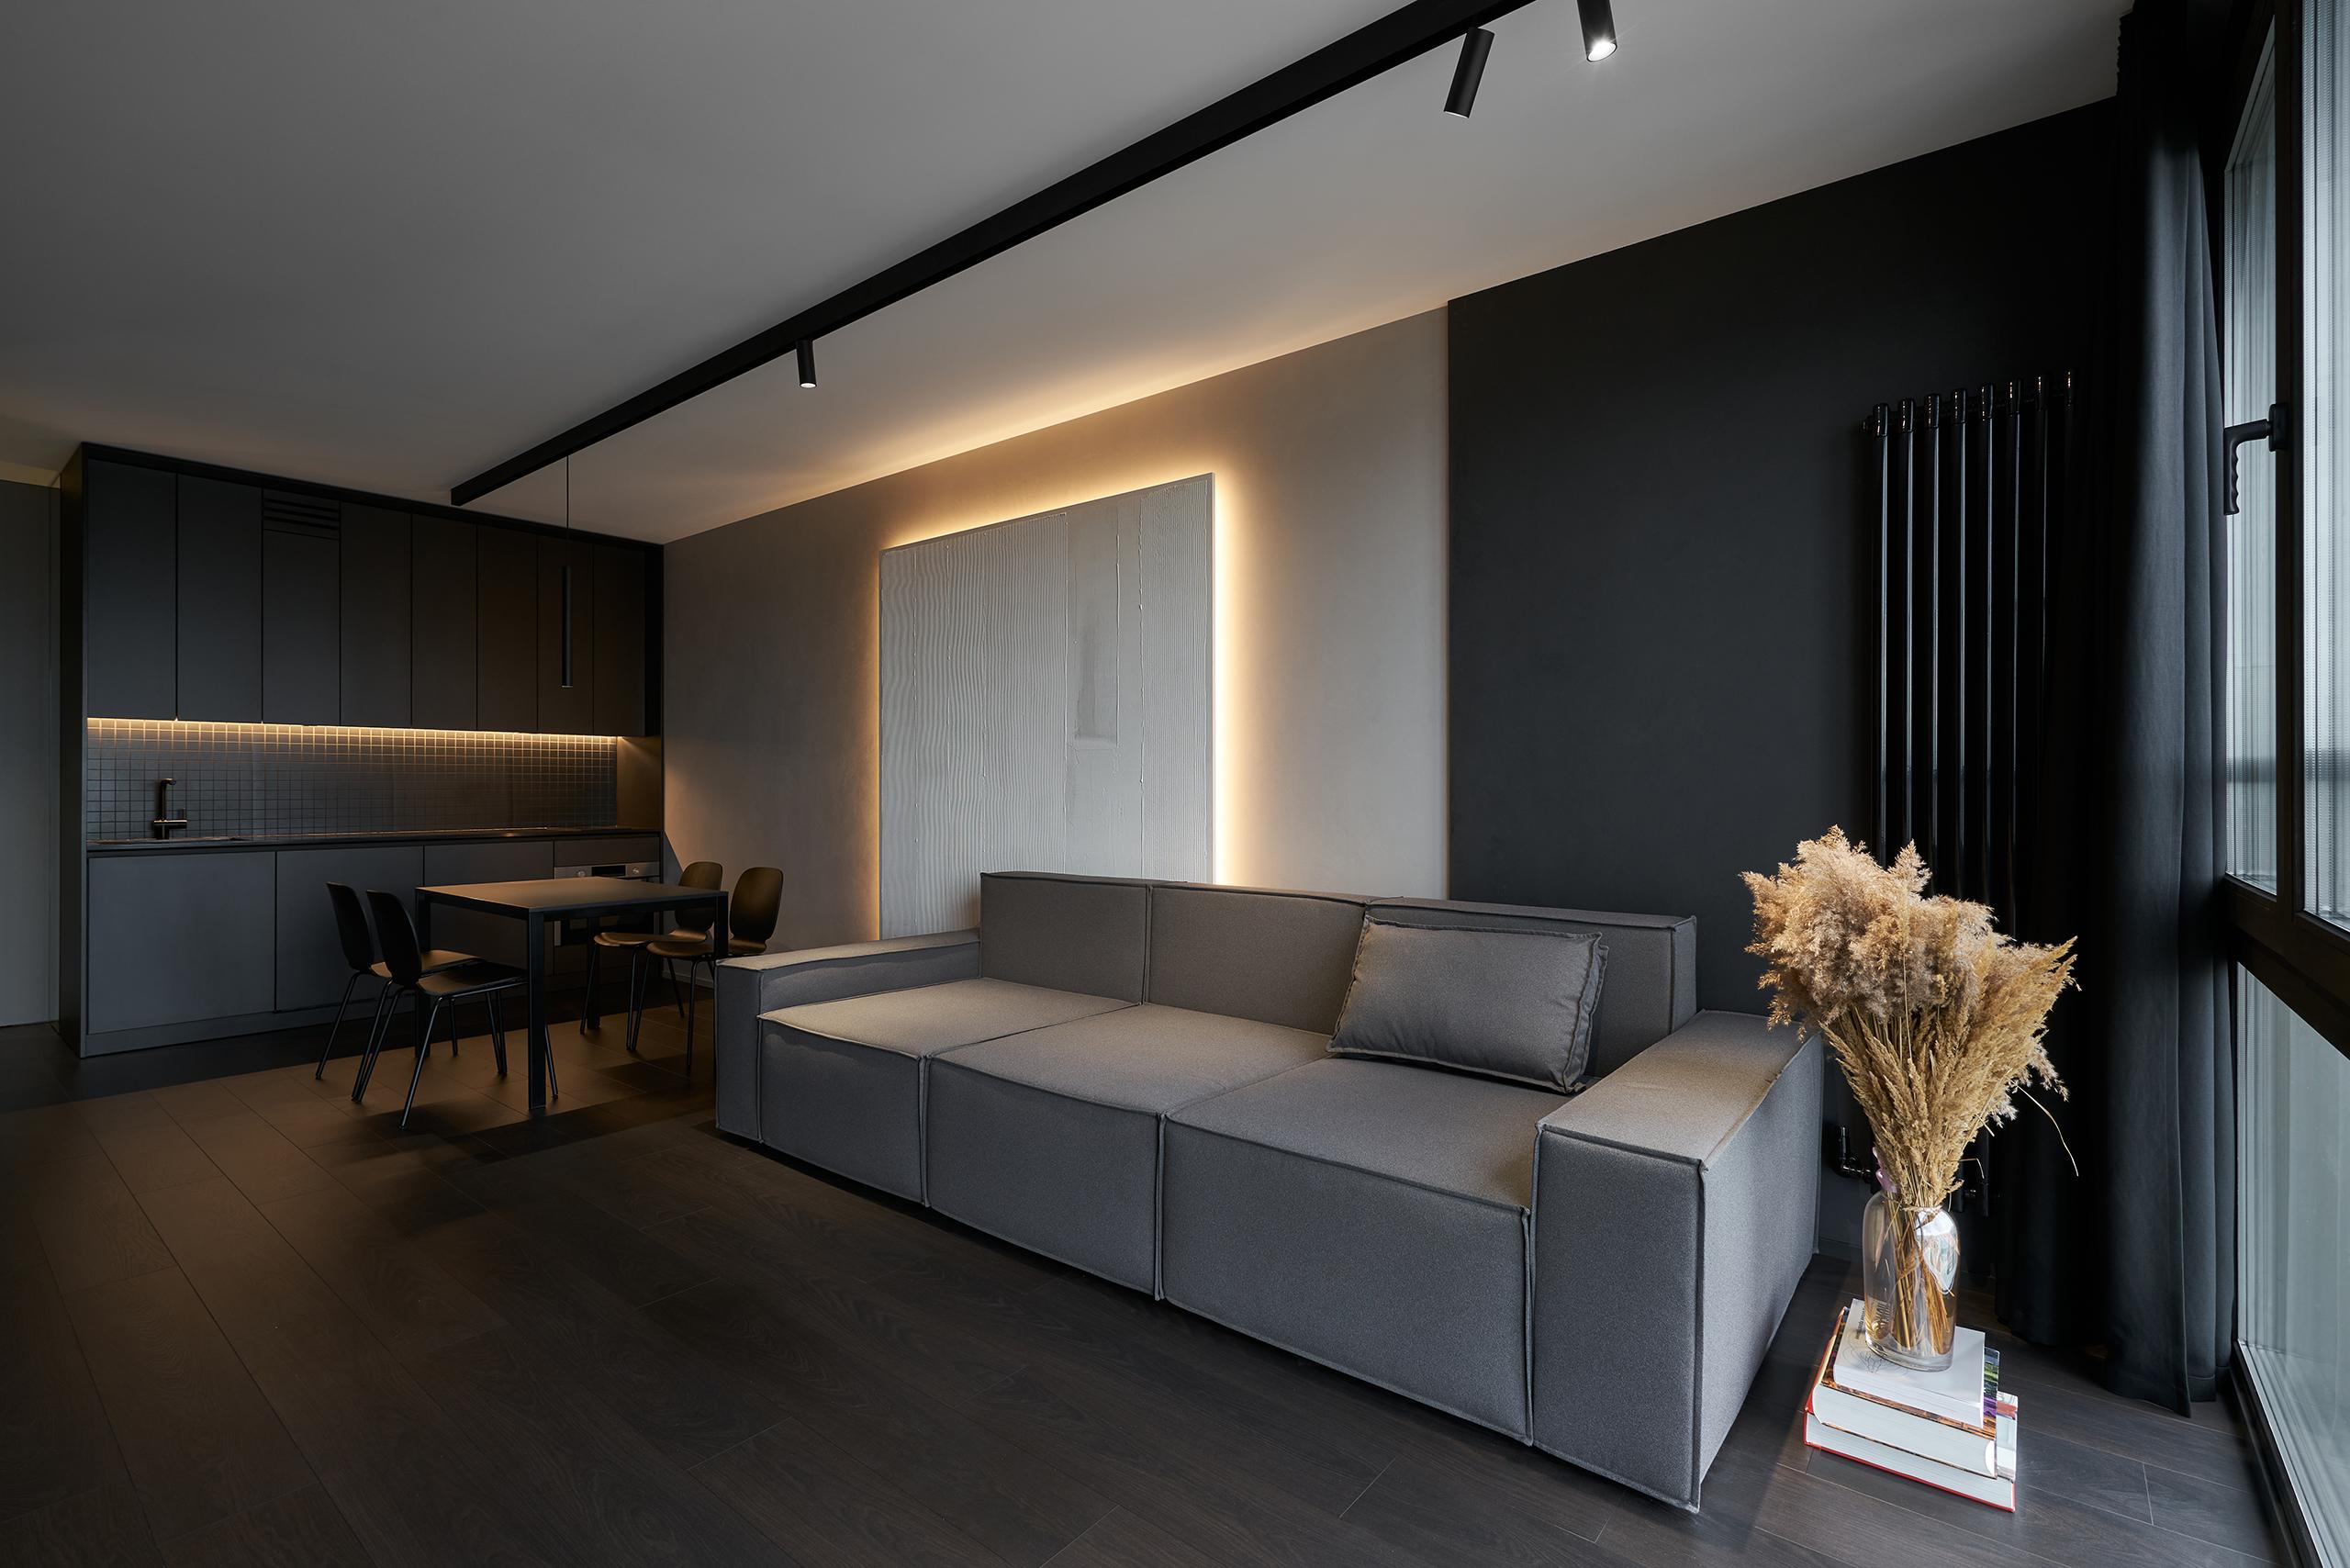 Фотосъемка интерьера квартиры Hoffman